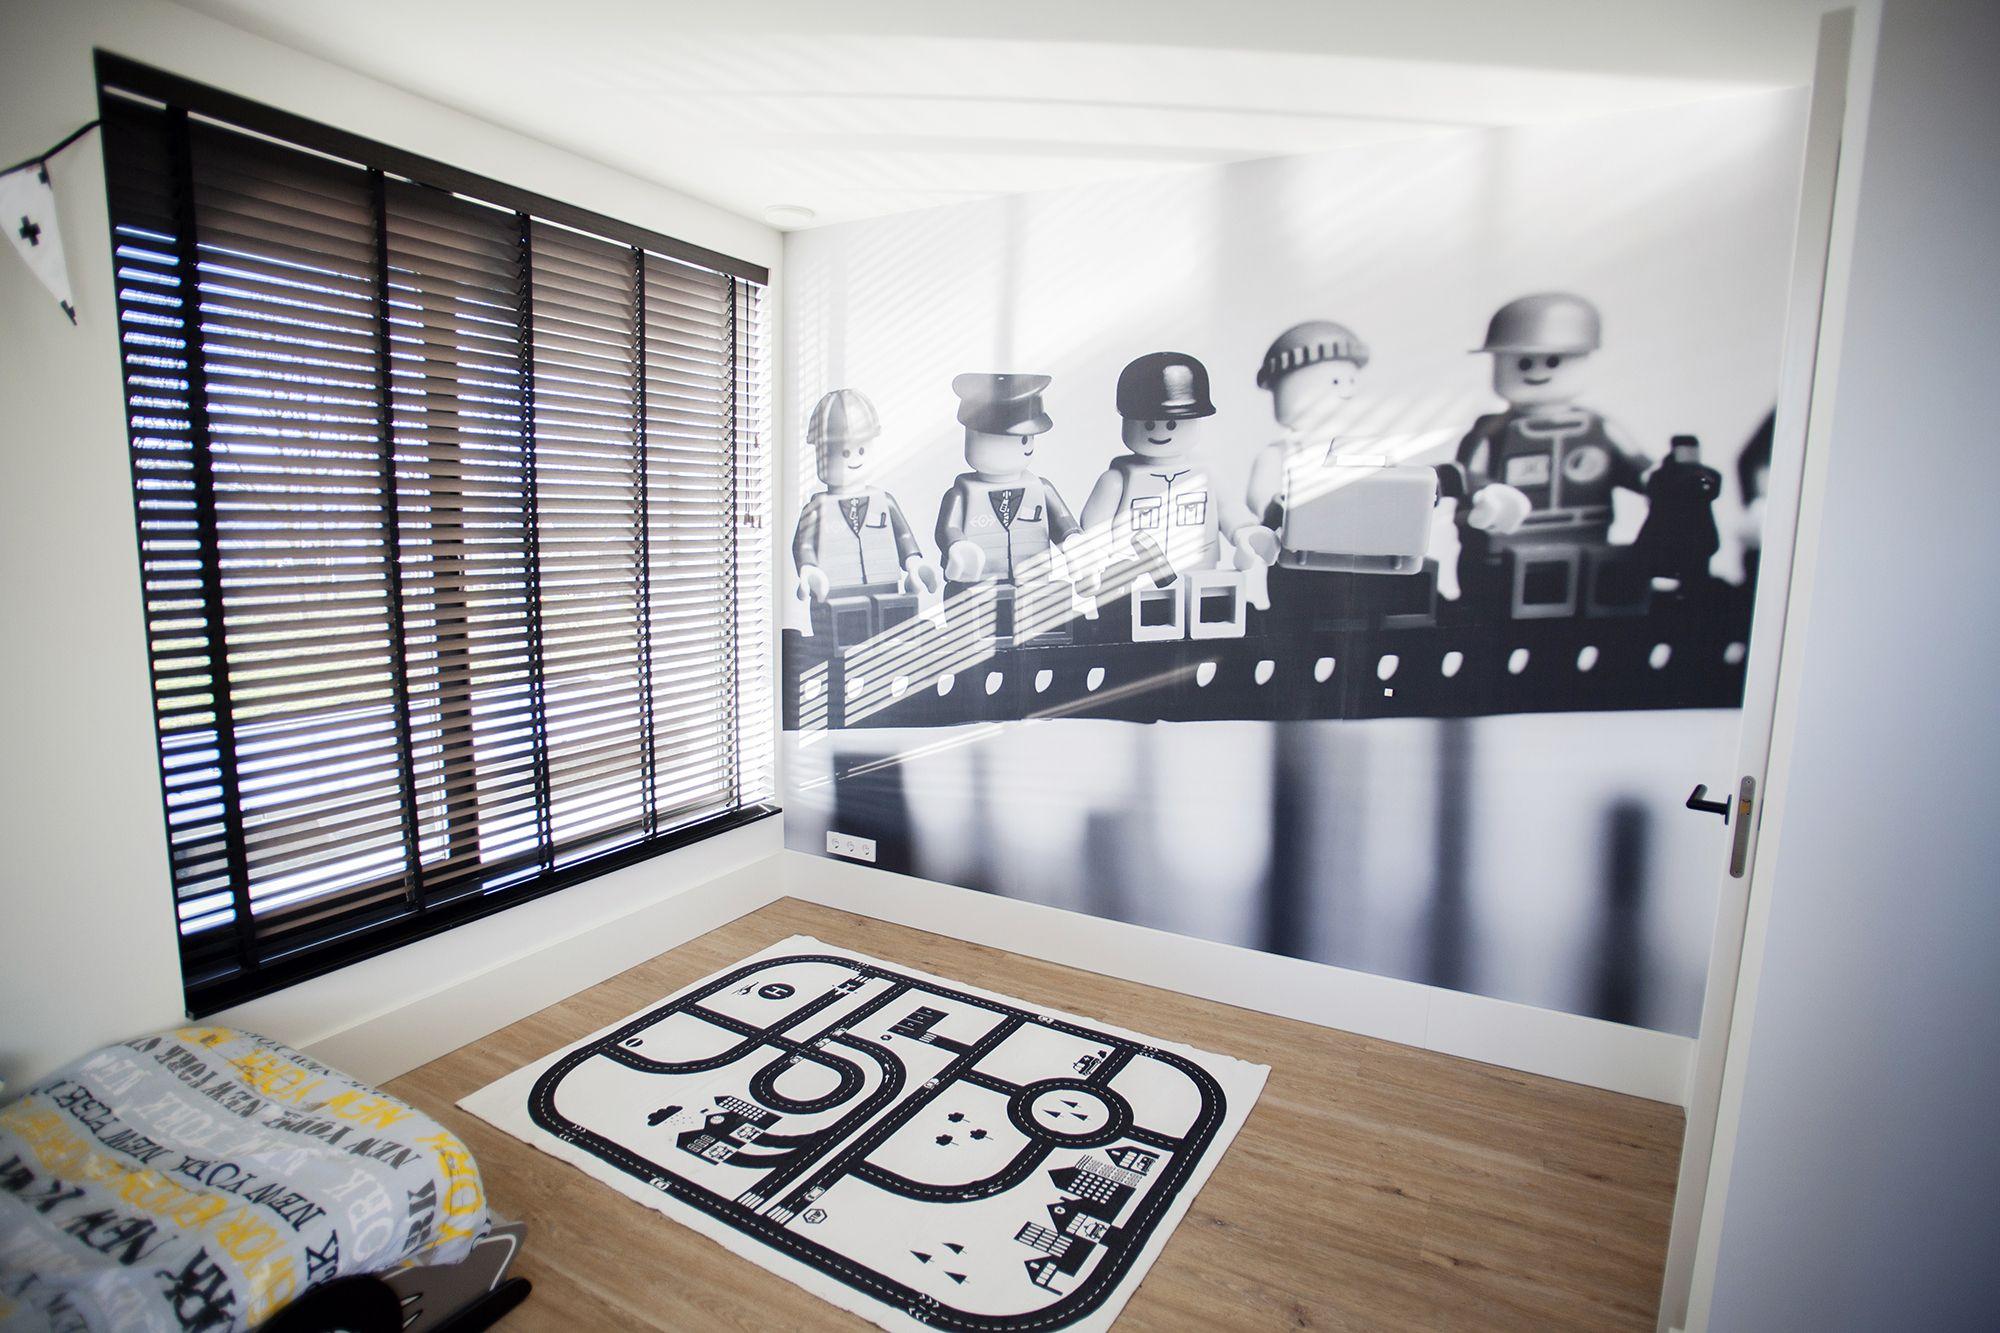 Behang Babykamer Utrecht : Fotobehang op kinderkamer met lego print lego fotobehang